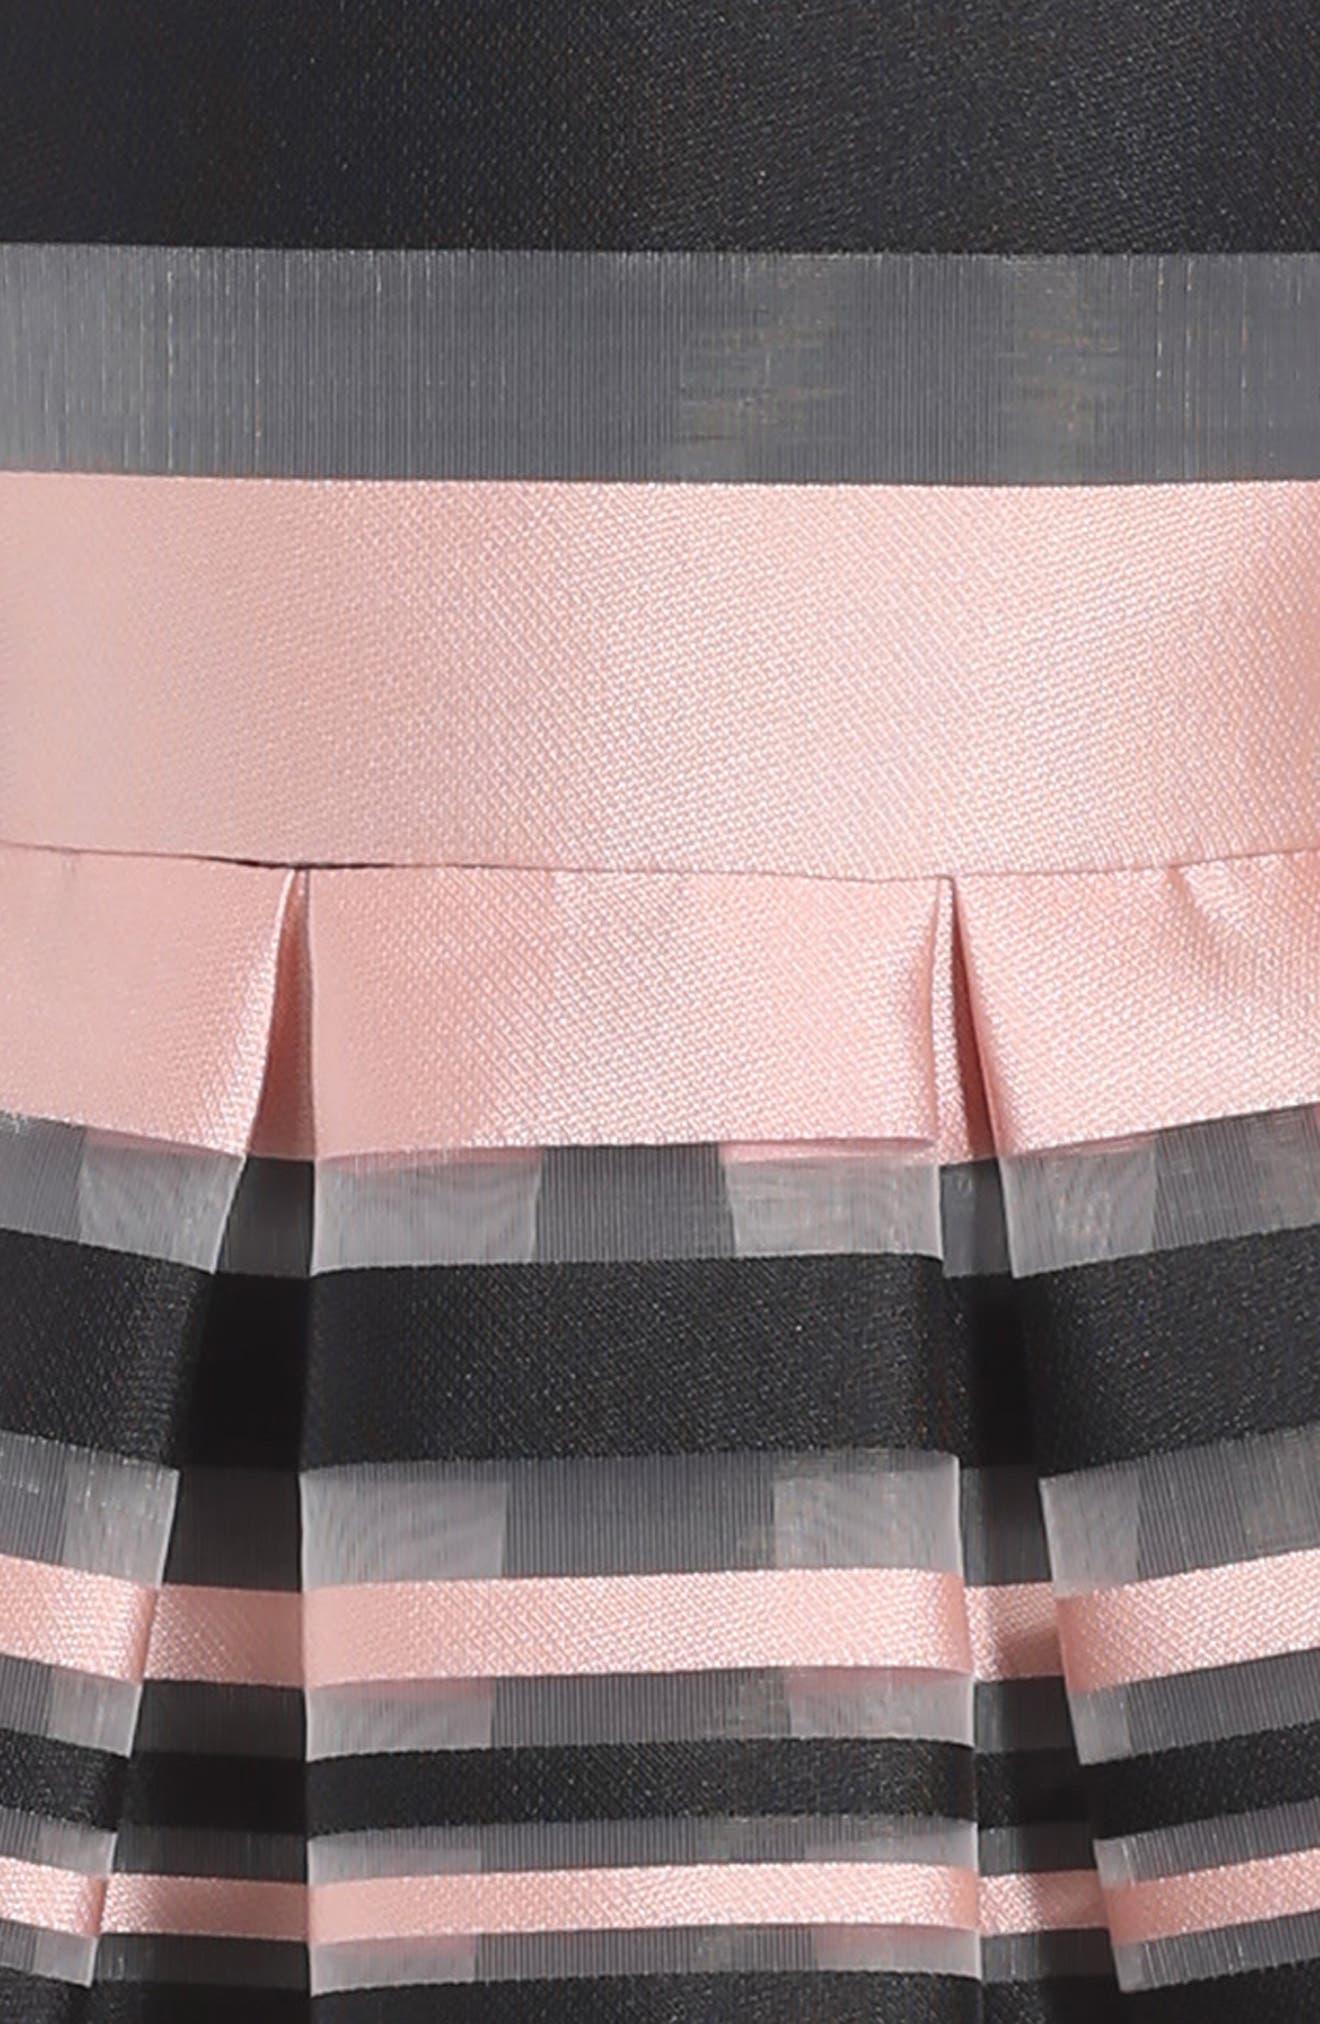 Illusion Stripe Sleeveless Dress,                             Alternate thumbnail 3, color,                             Blush/ Black